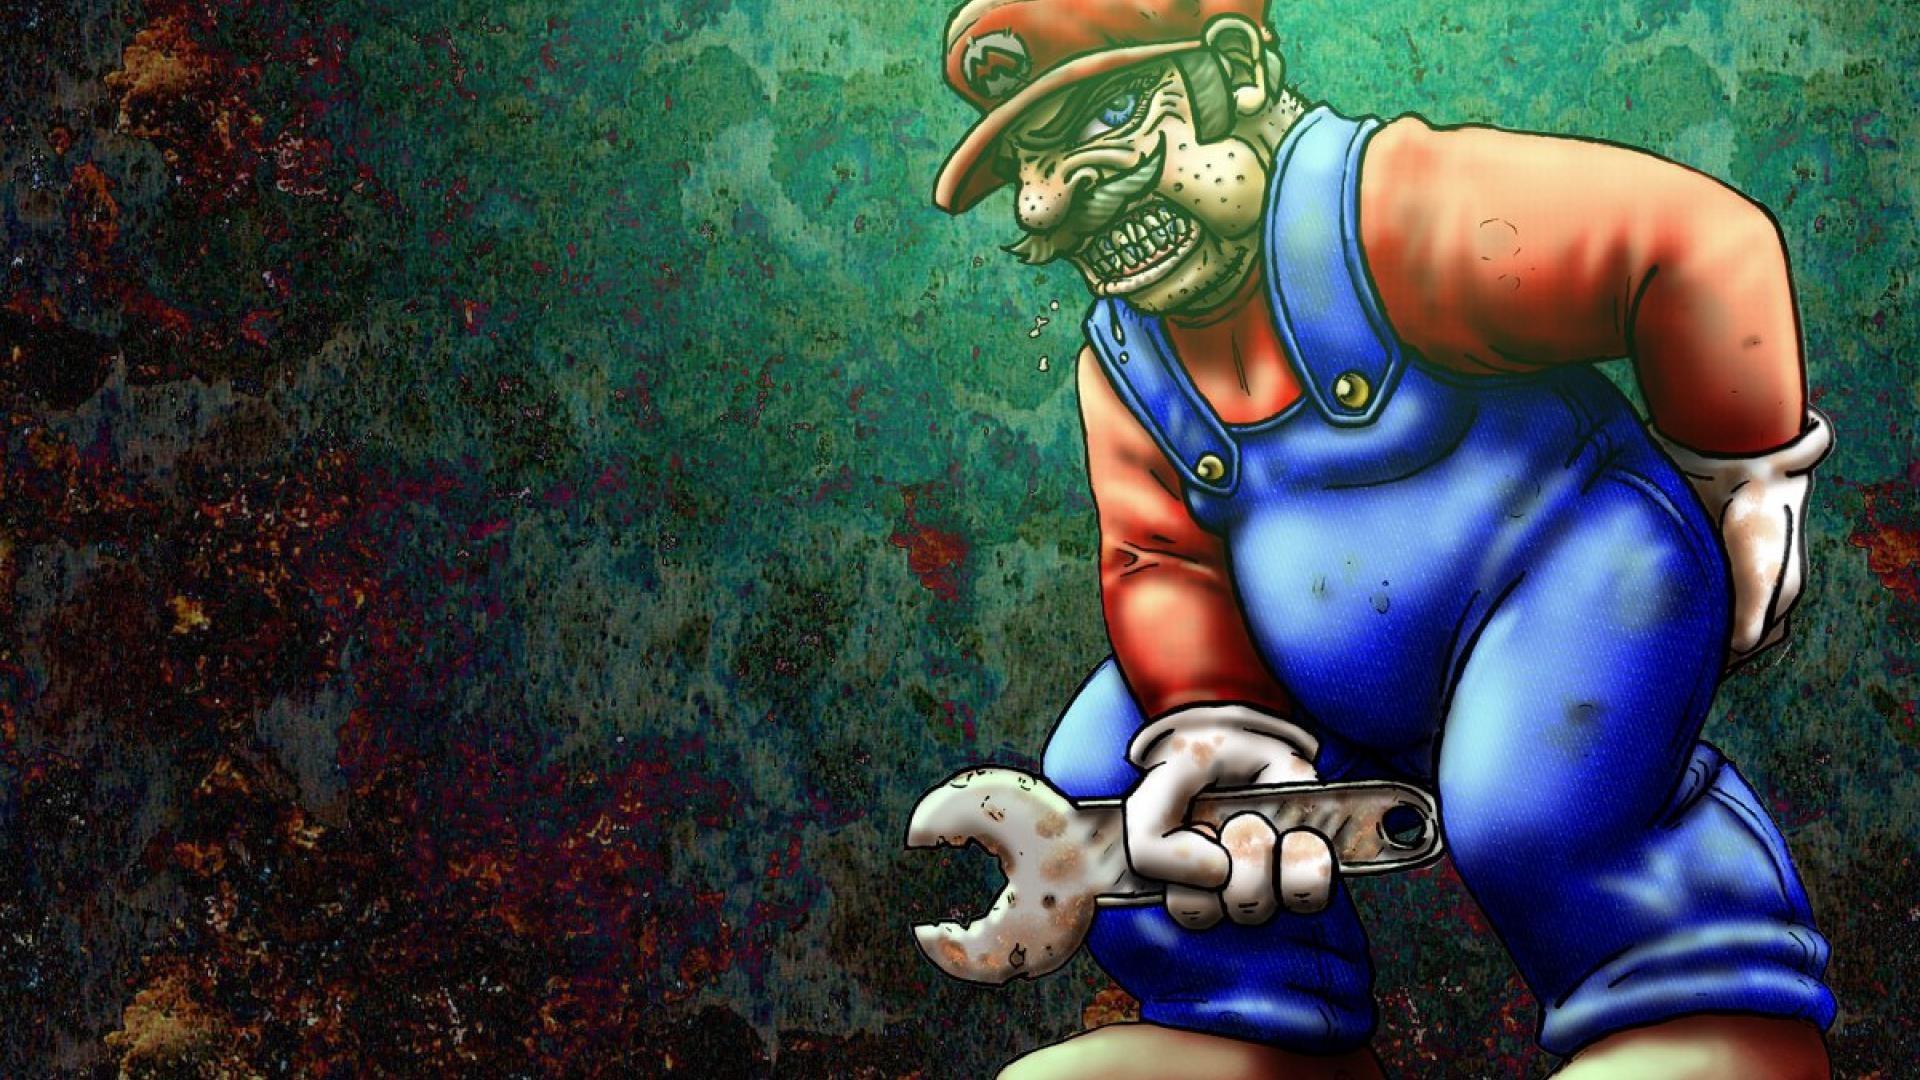 games mario super bros alt art wrench HD Wallpaper wallpaper .